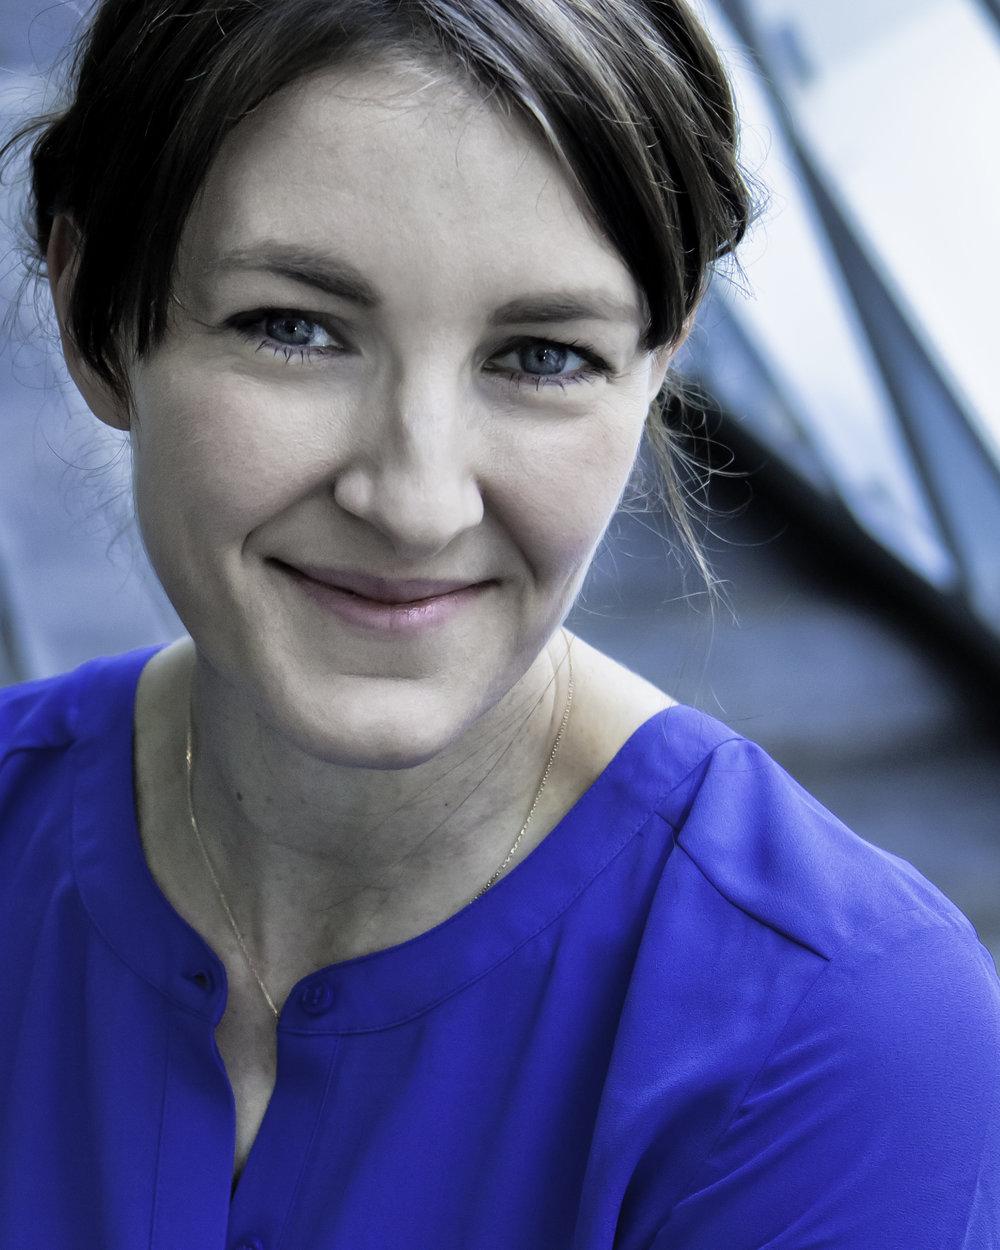 Blue Shirt Headshot with Sarah_5168.jpg